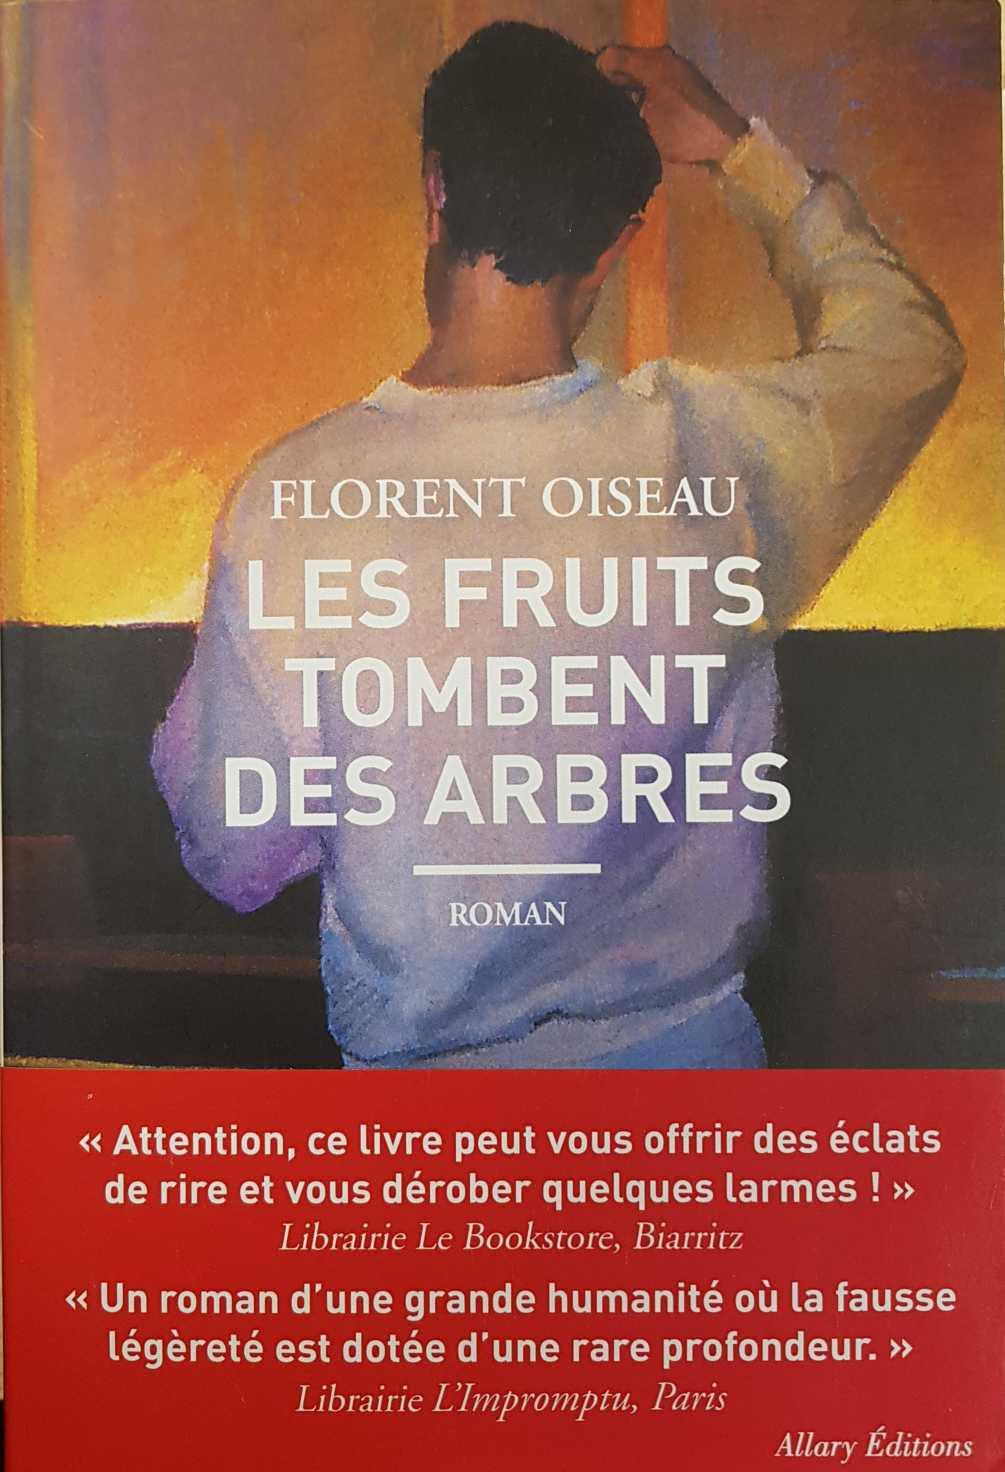 Les fruits tombent des arbres Florent Oiseau librairie La librai'bulles